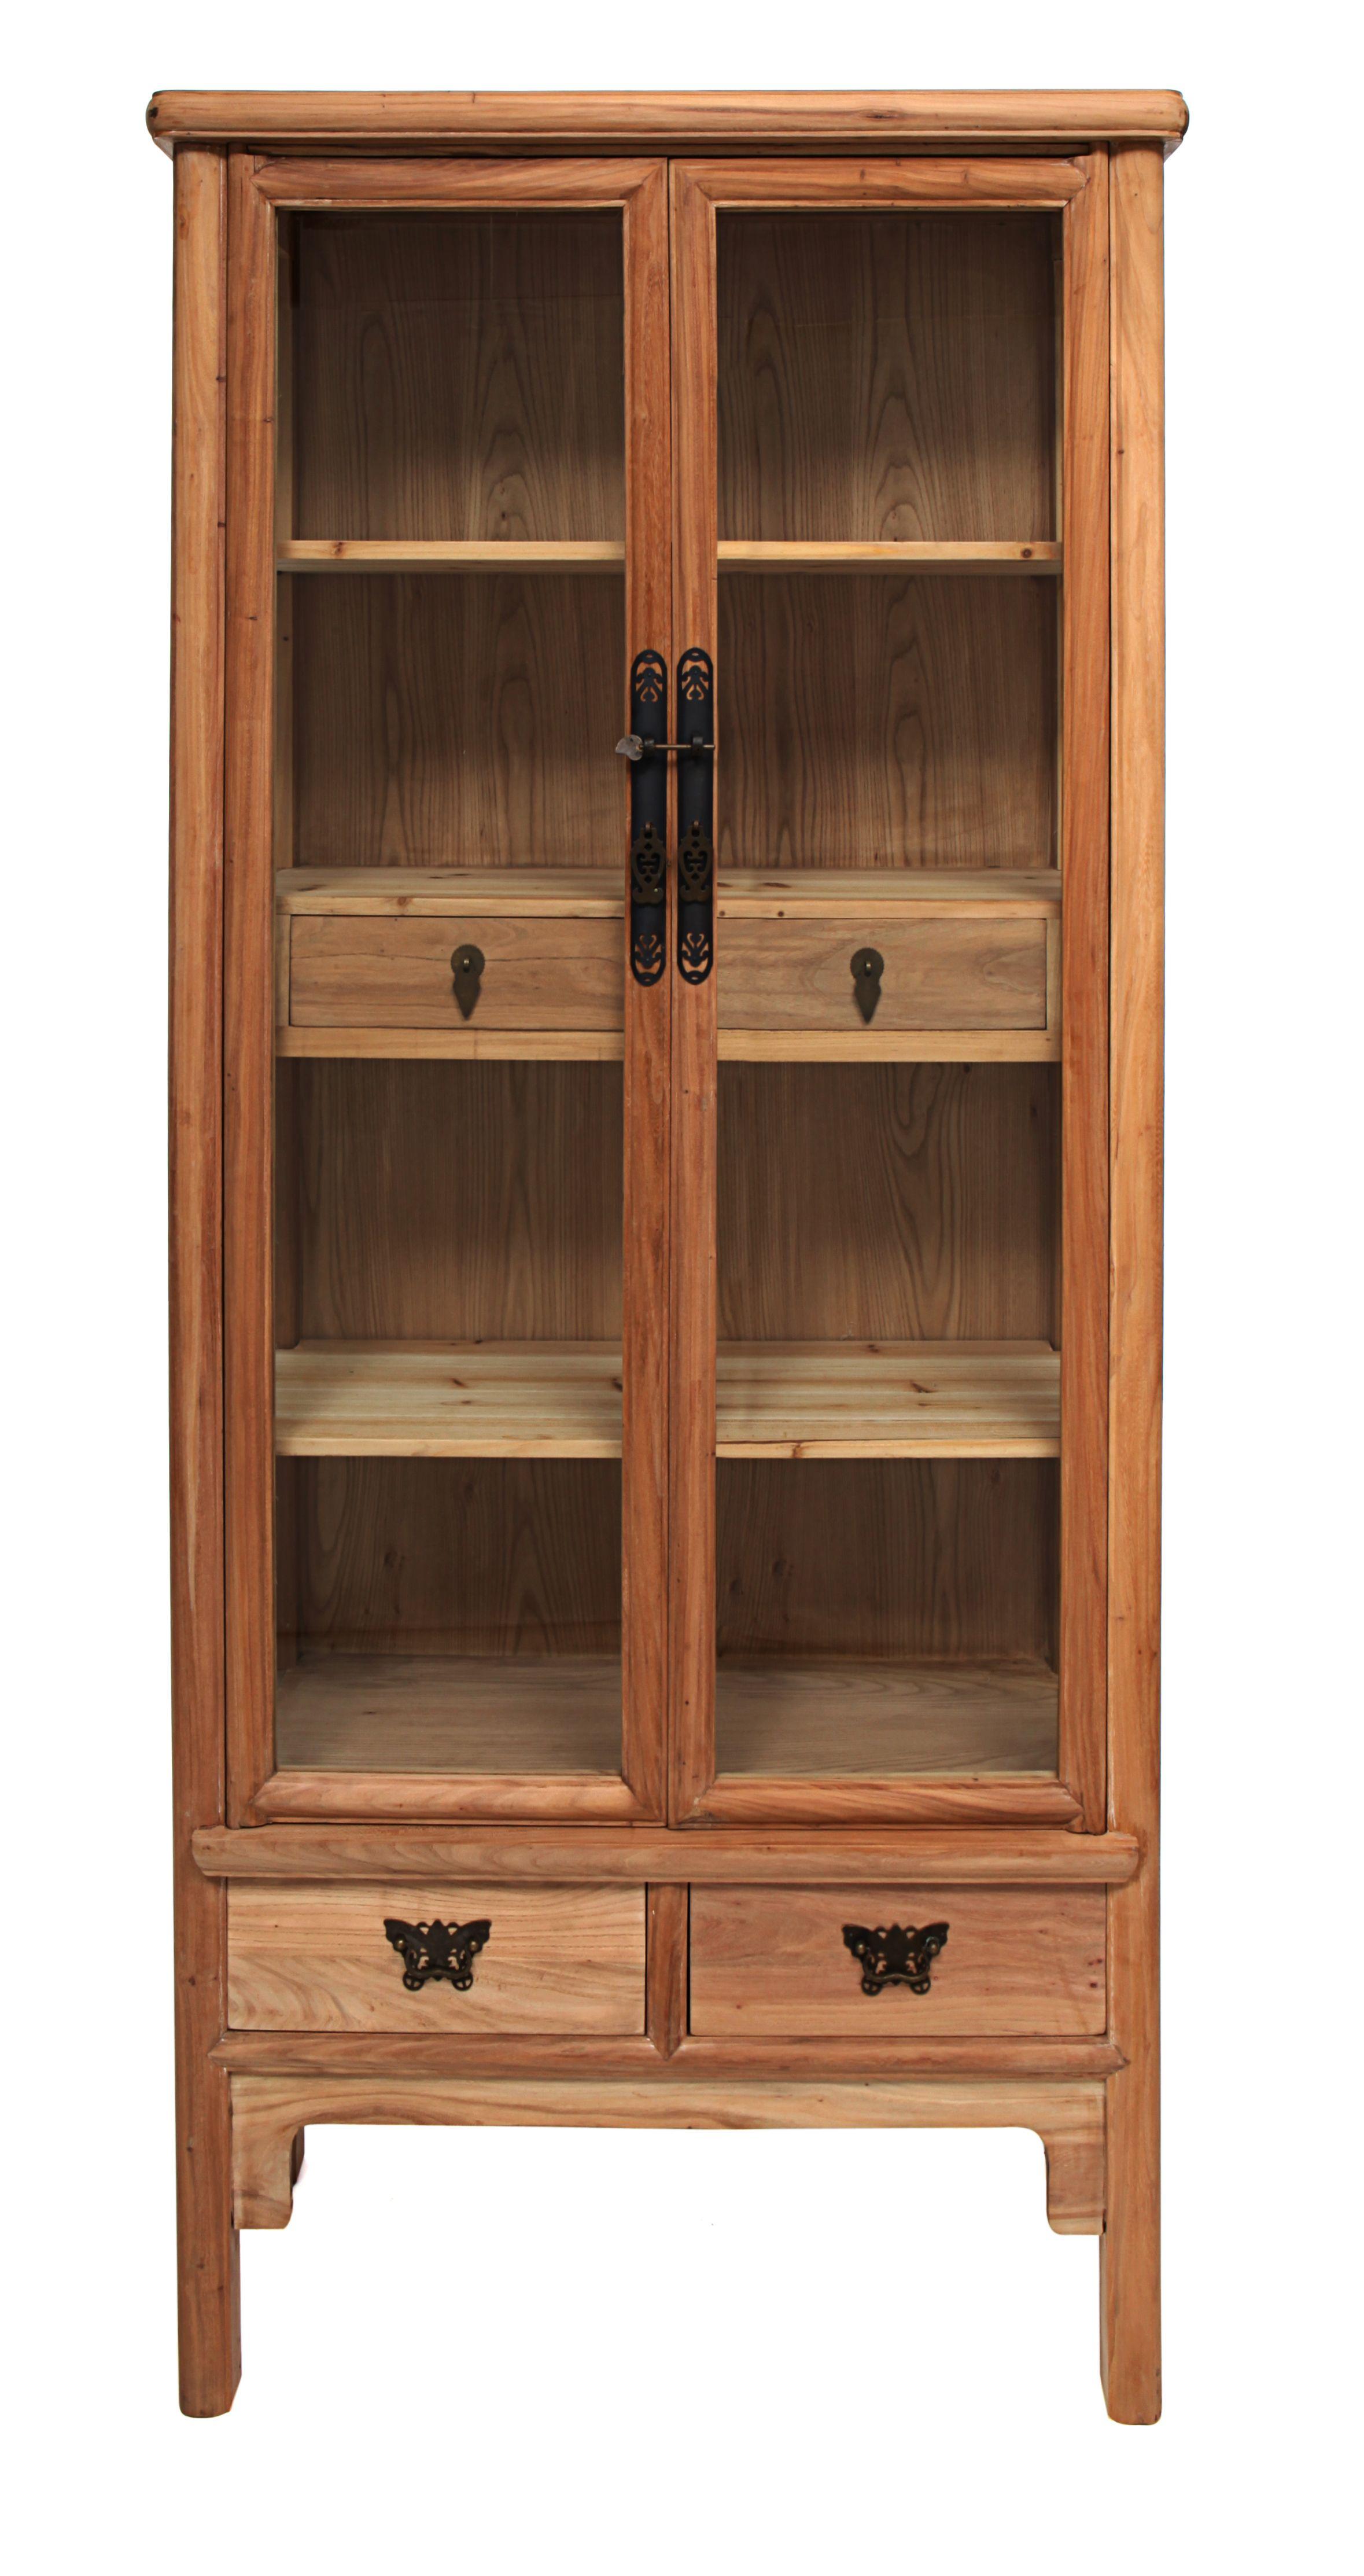 Proyecto Mueble Funcional Diseño De Mobiliario A Medida: Vitrina En Madera De Olmo De 90 Con Cajones. Medida 90L X